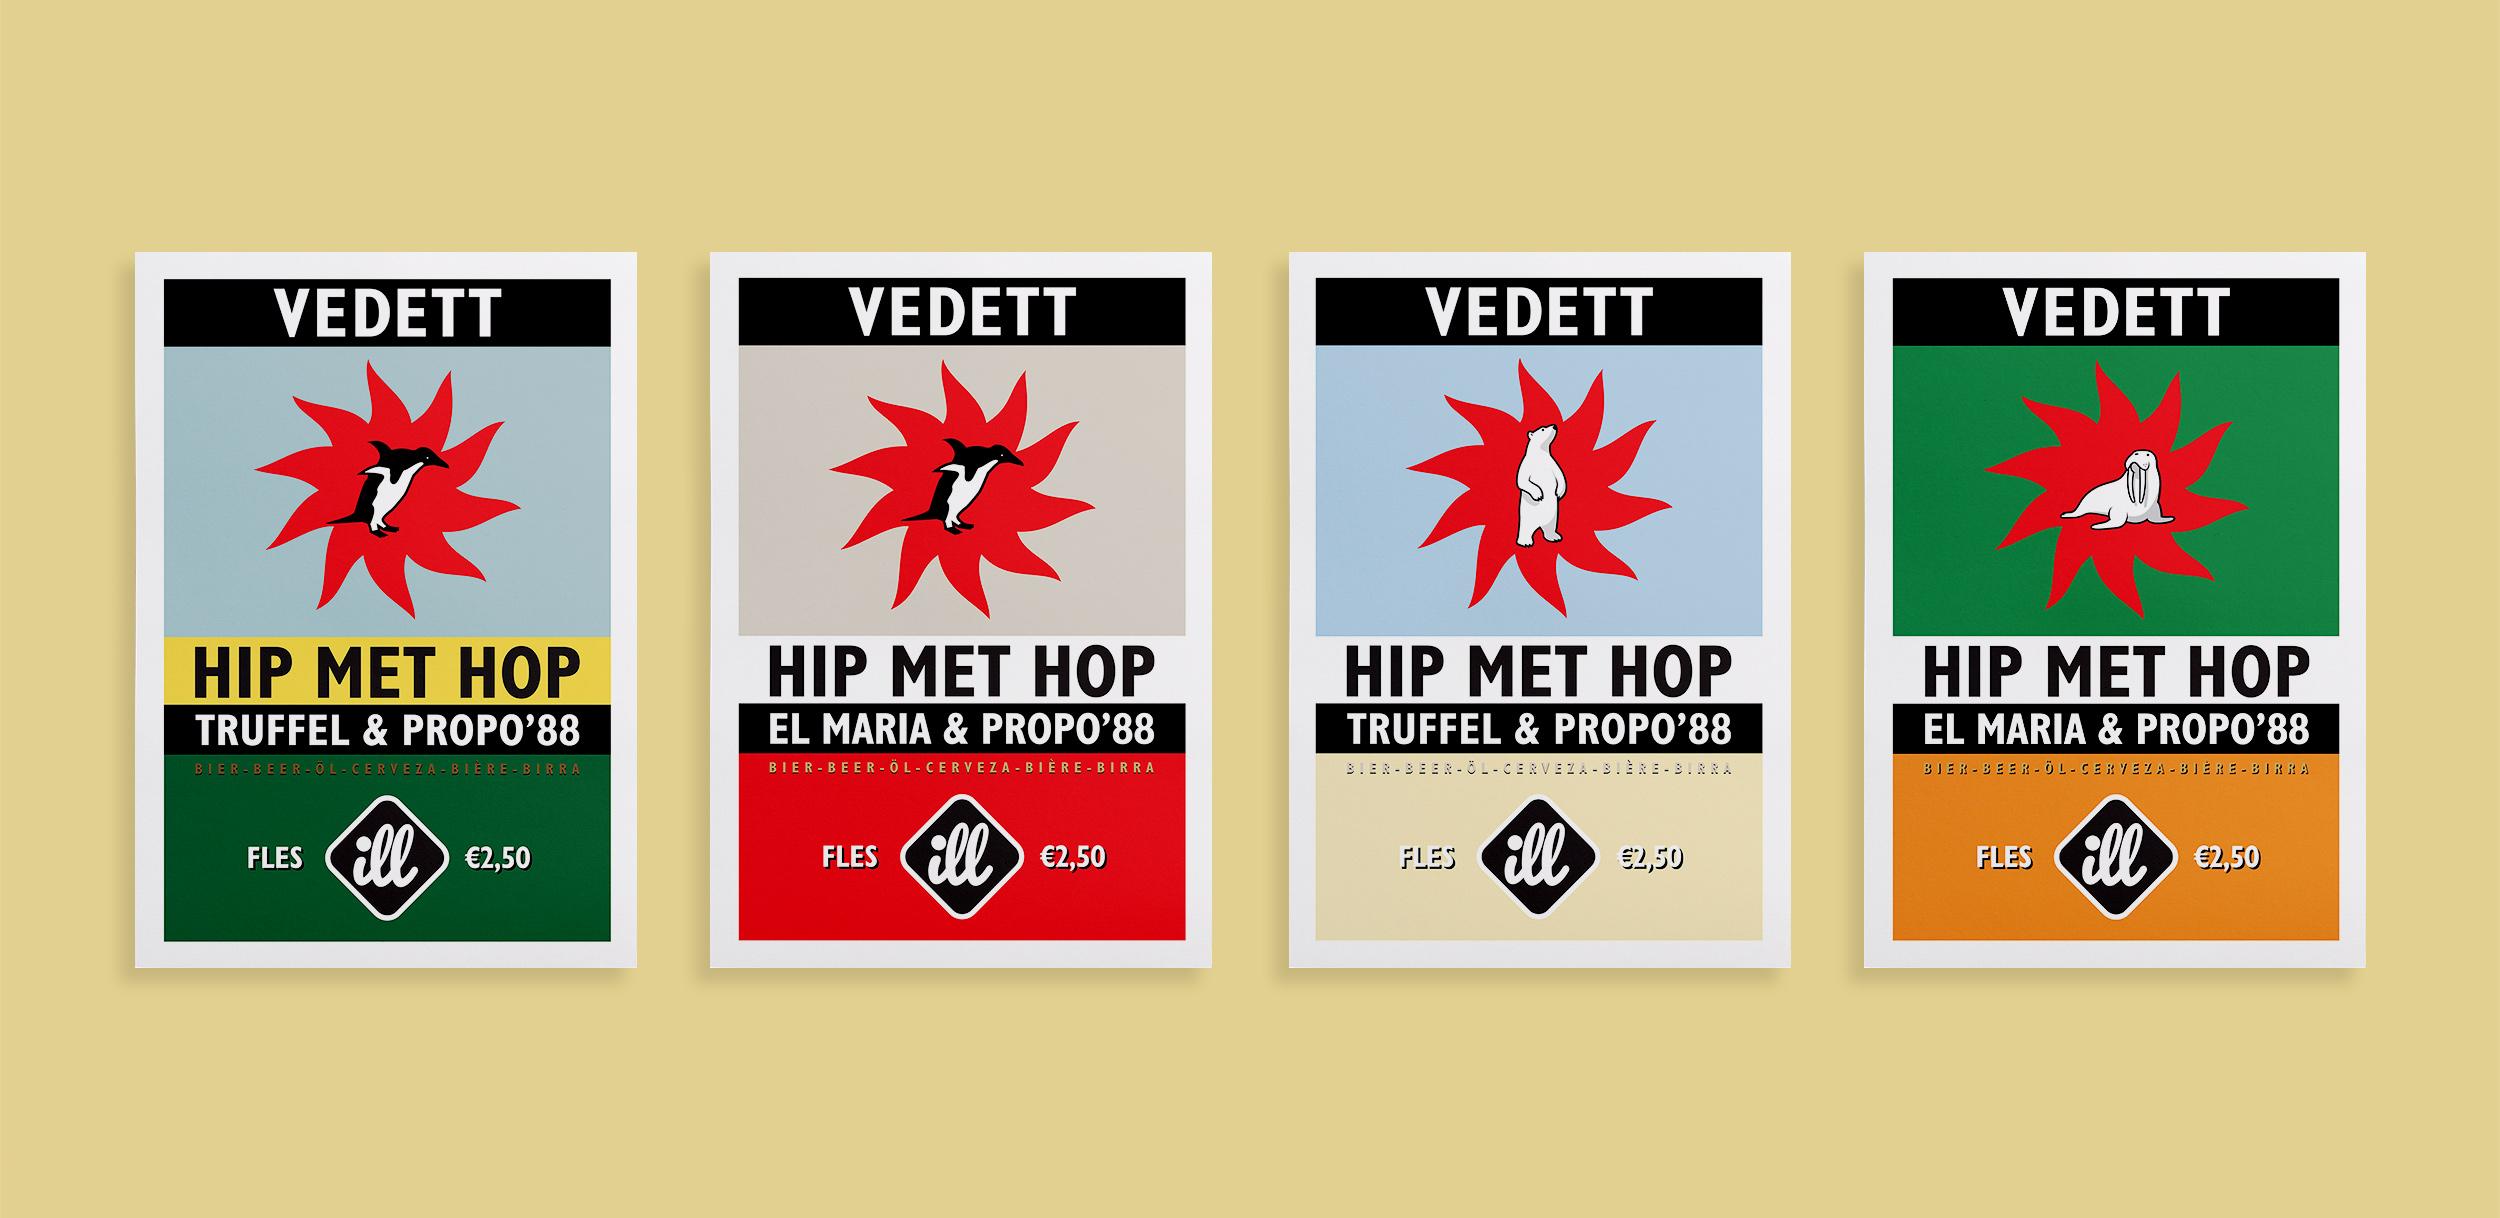 vedett-posters-2500-2.jpg